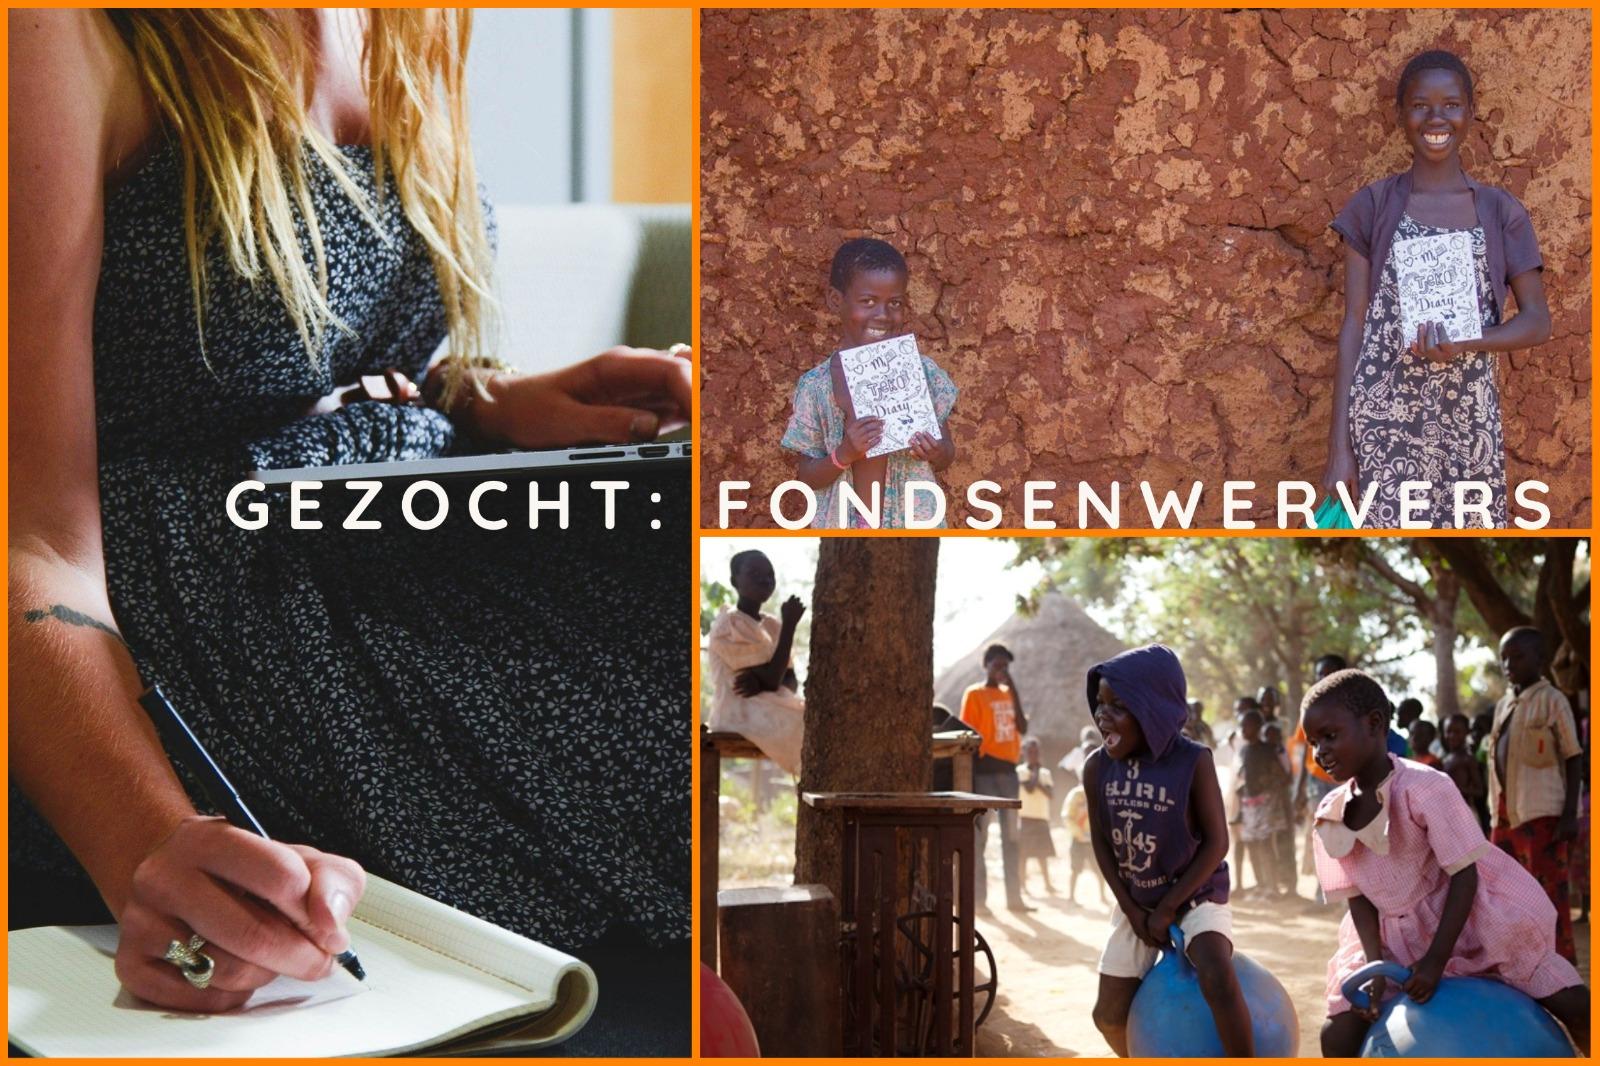 Tjeko fondsenwervers gezocht Nederland Uganda fundraiser goed doel